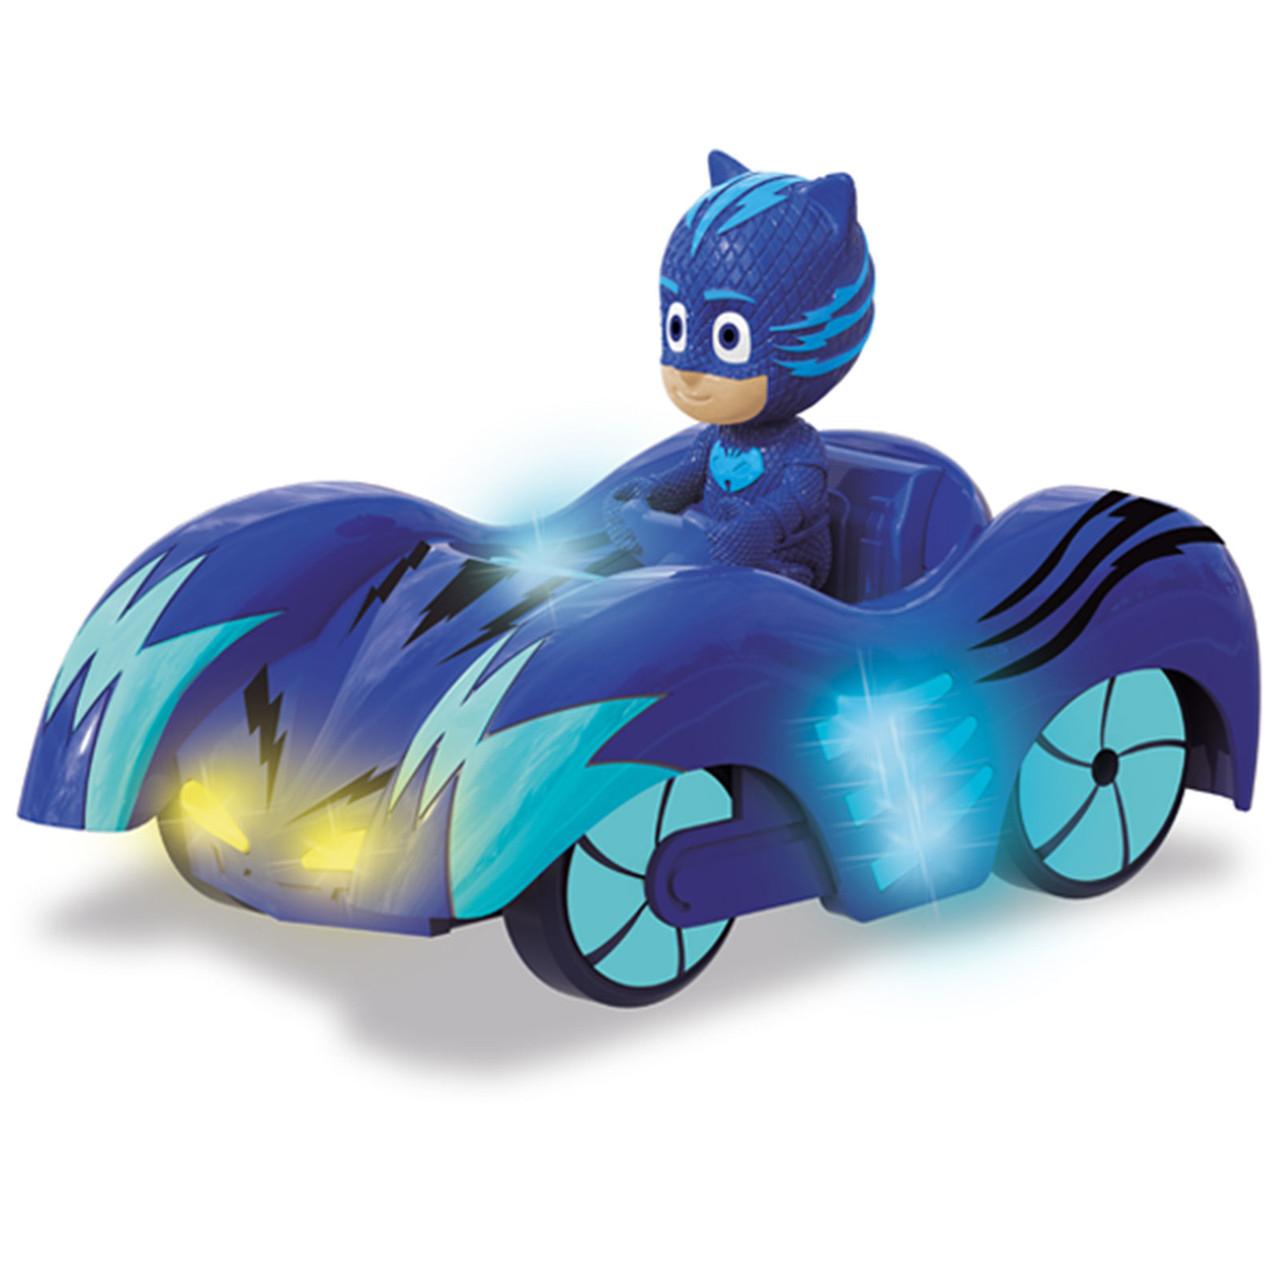 Image result for catboy pj mask car